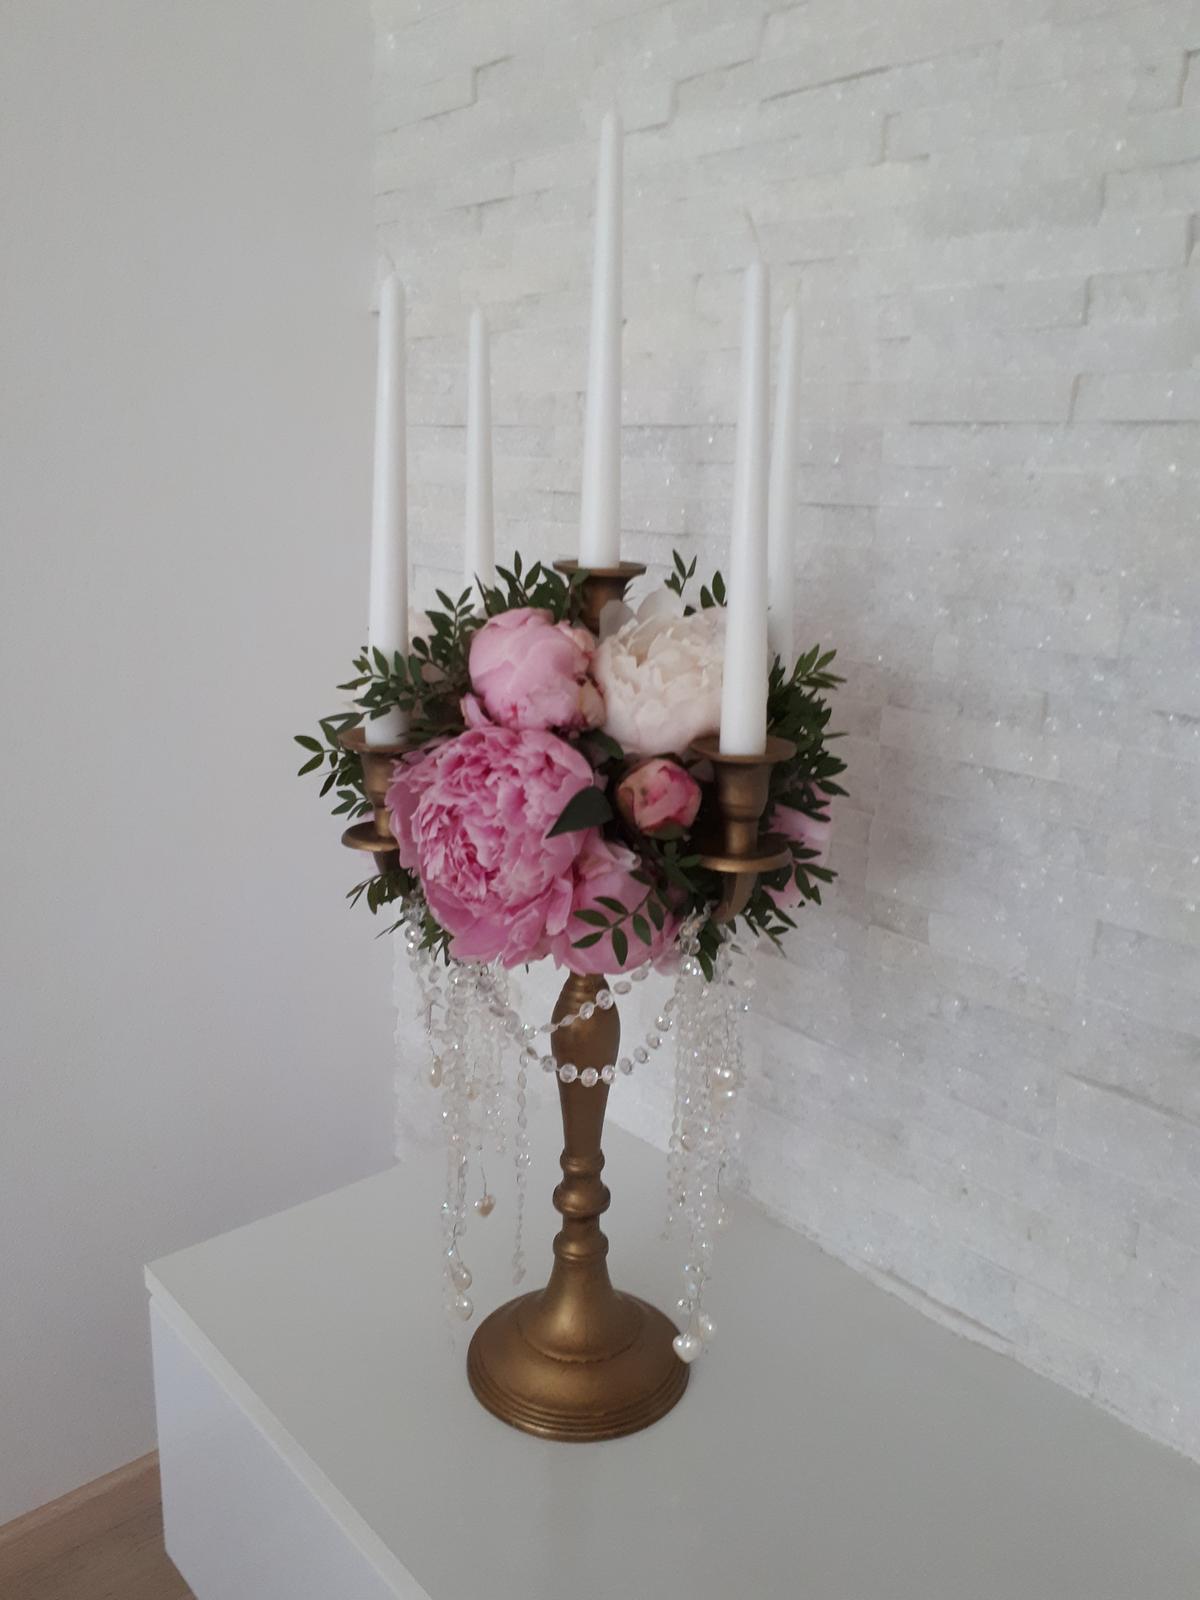 zlaté svietniky + živé kvety - Obrázok č. 1